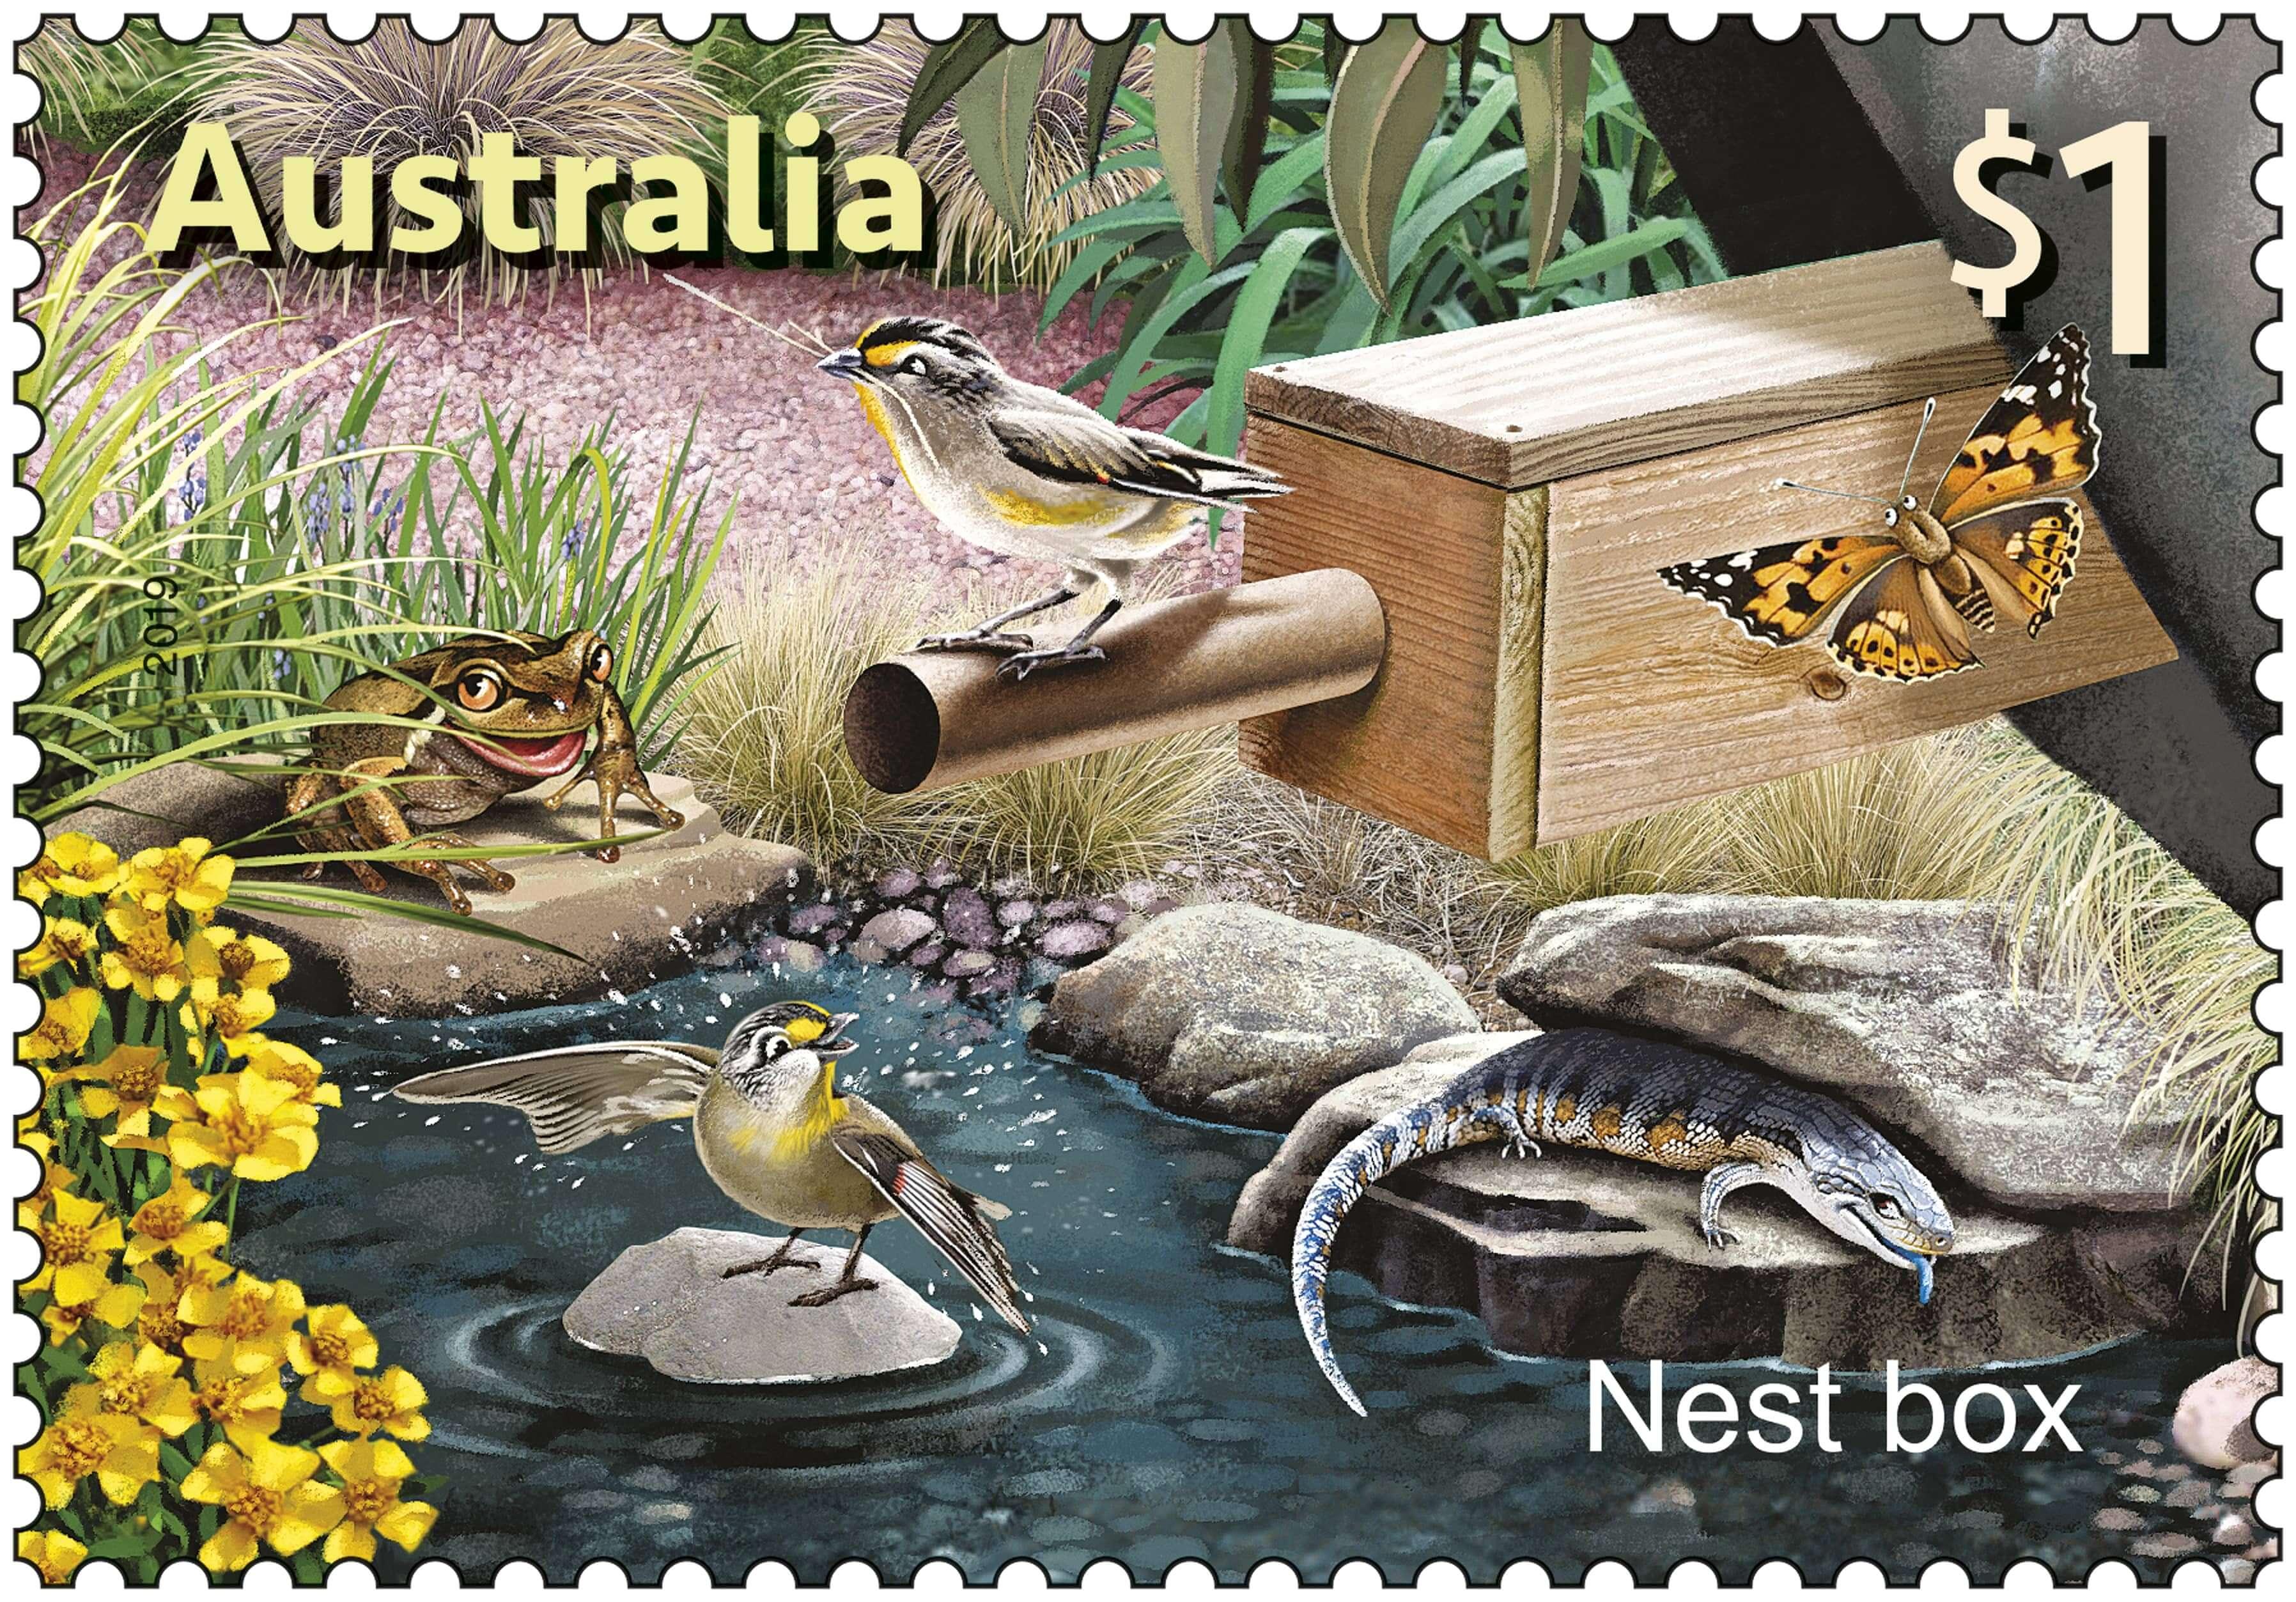 Australia Post SCM Nest Box Stamp